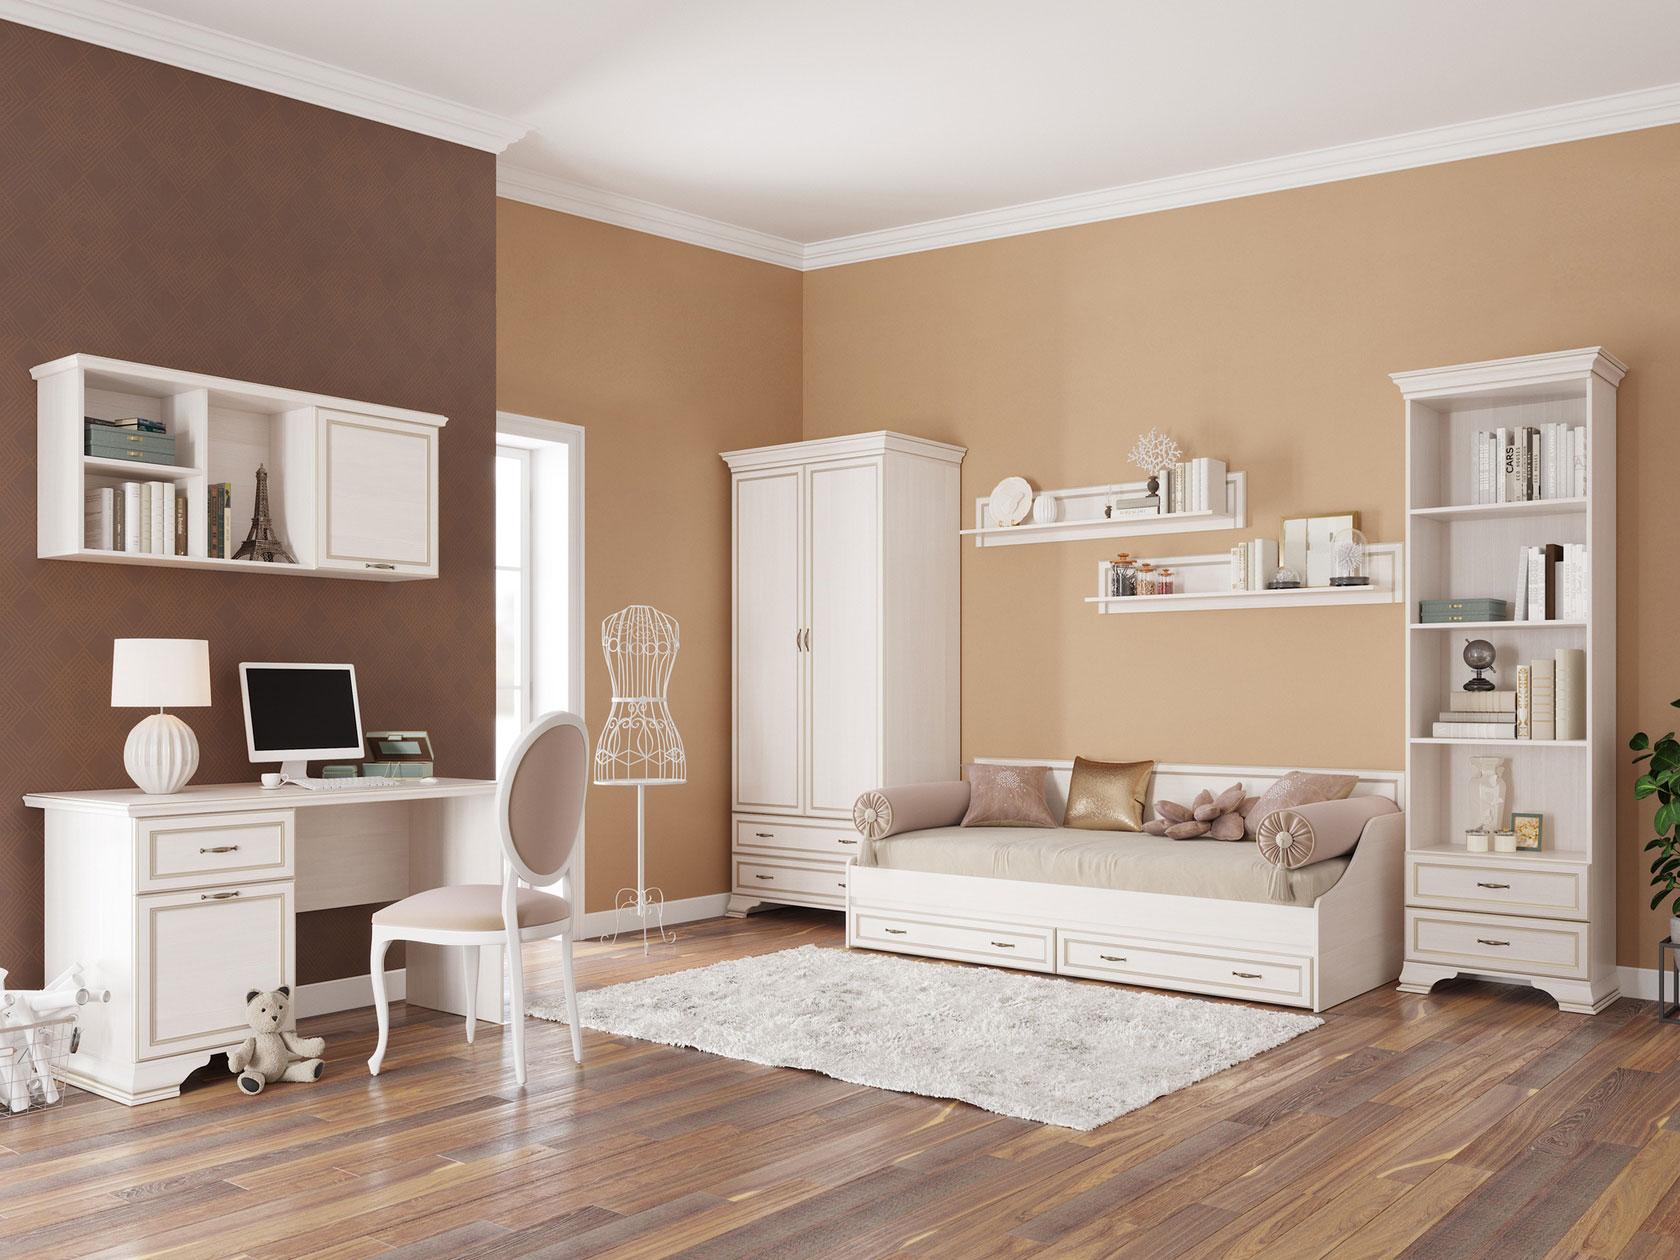 Комплект детской мебели 108-86231